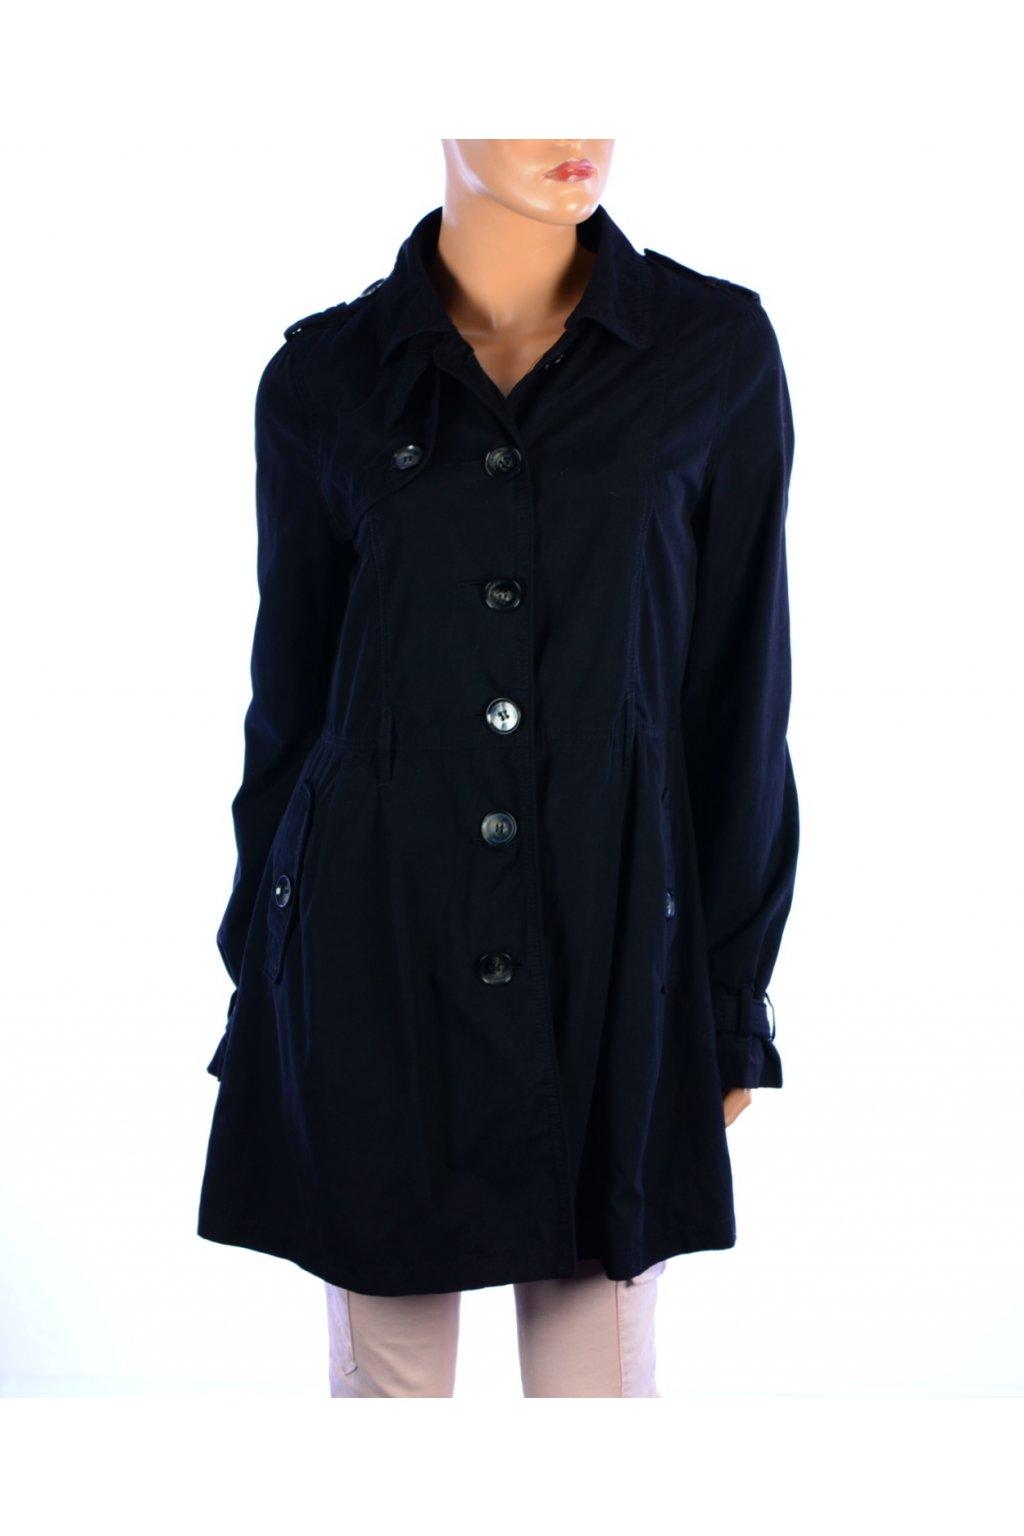 Kabát přechodní H&M vel M/40 černý